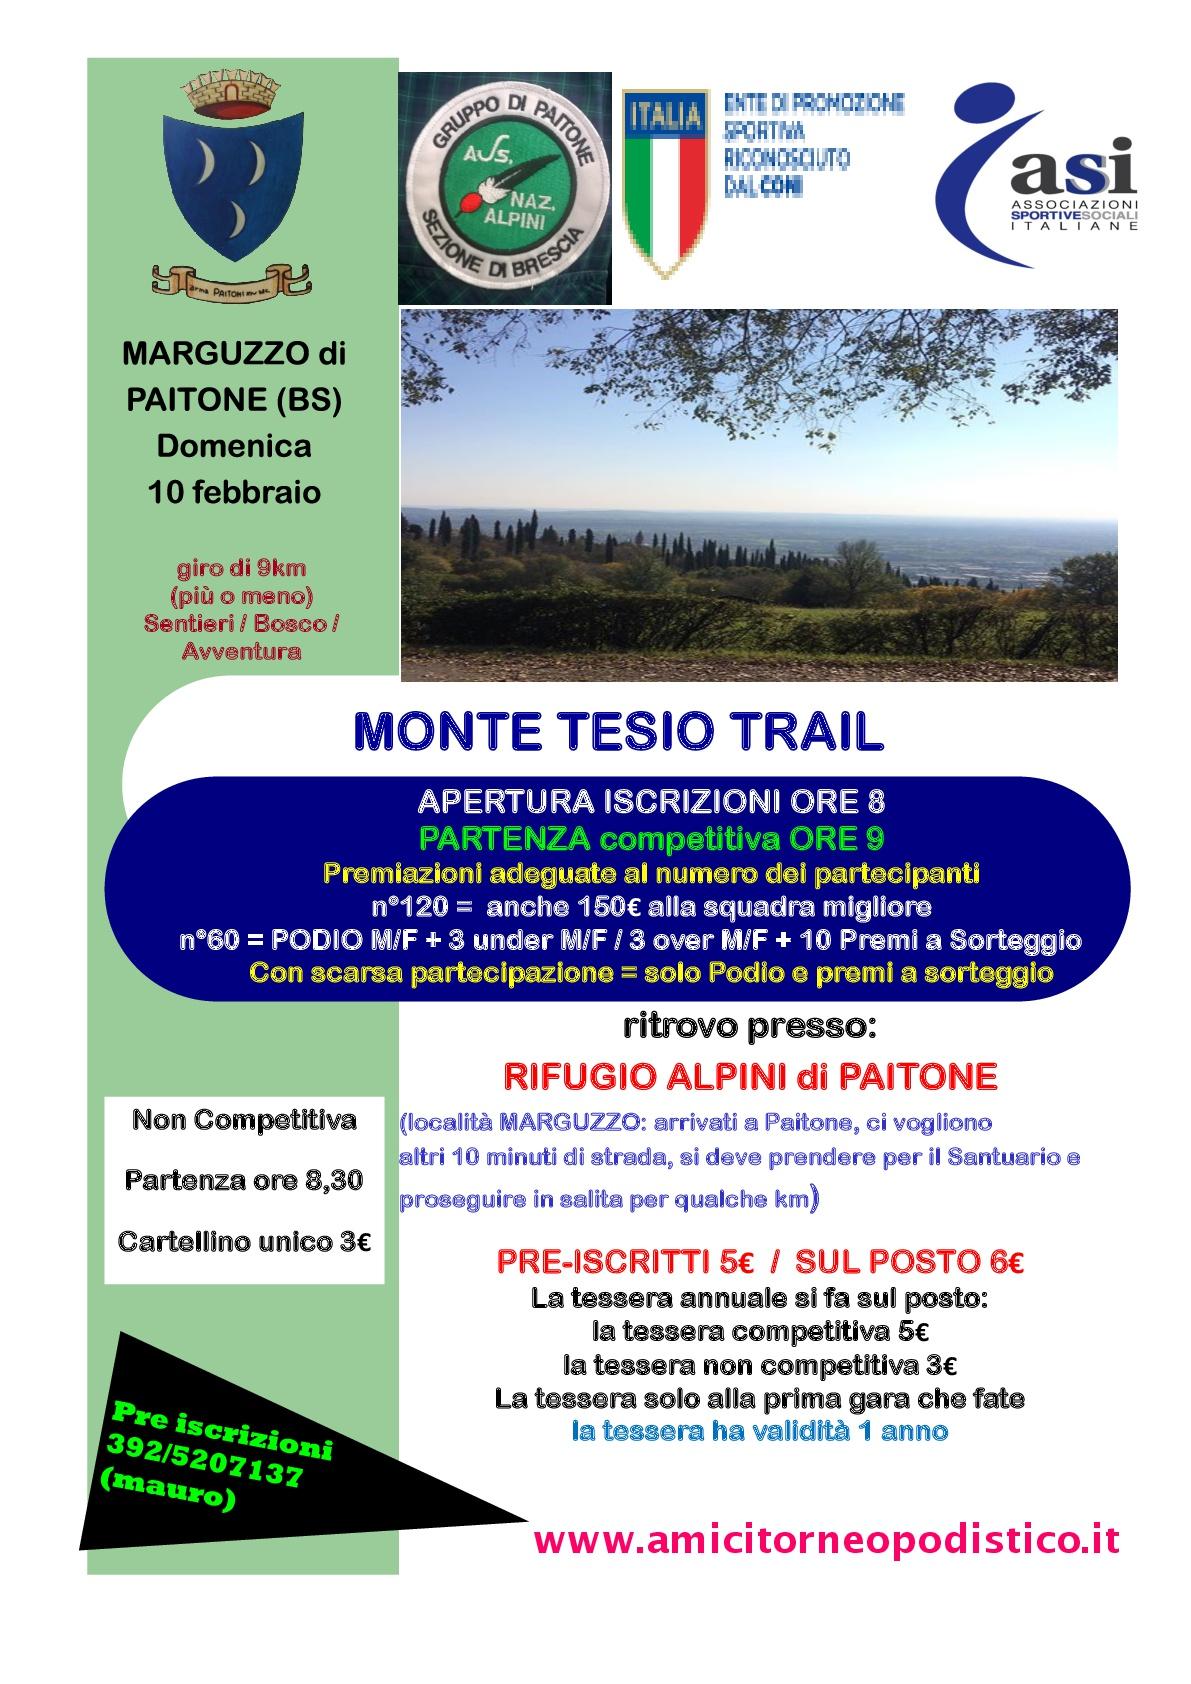 volantino gara 5 - Monte Tesio trail - 2019 amici torneo podistico